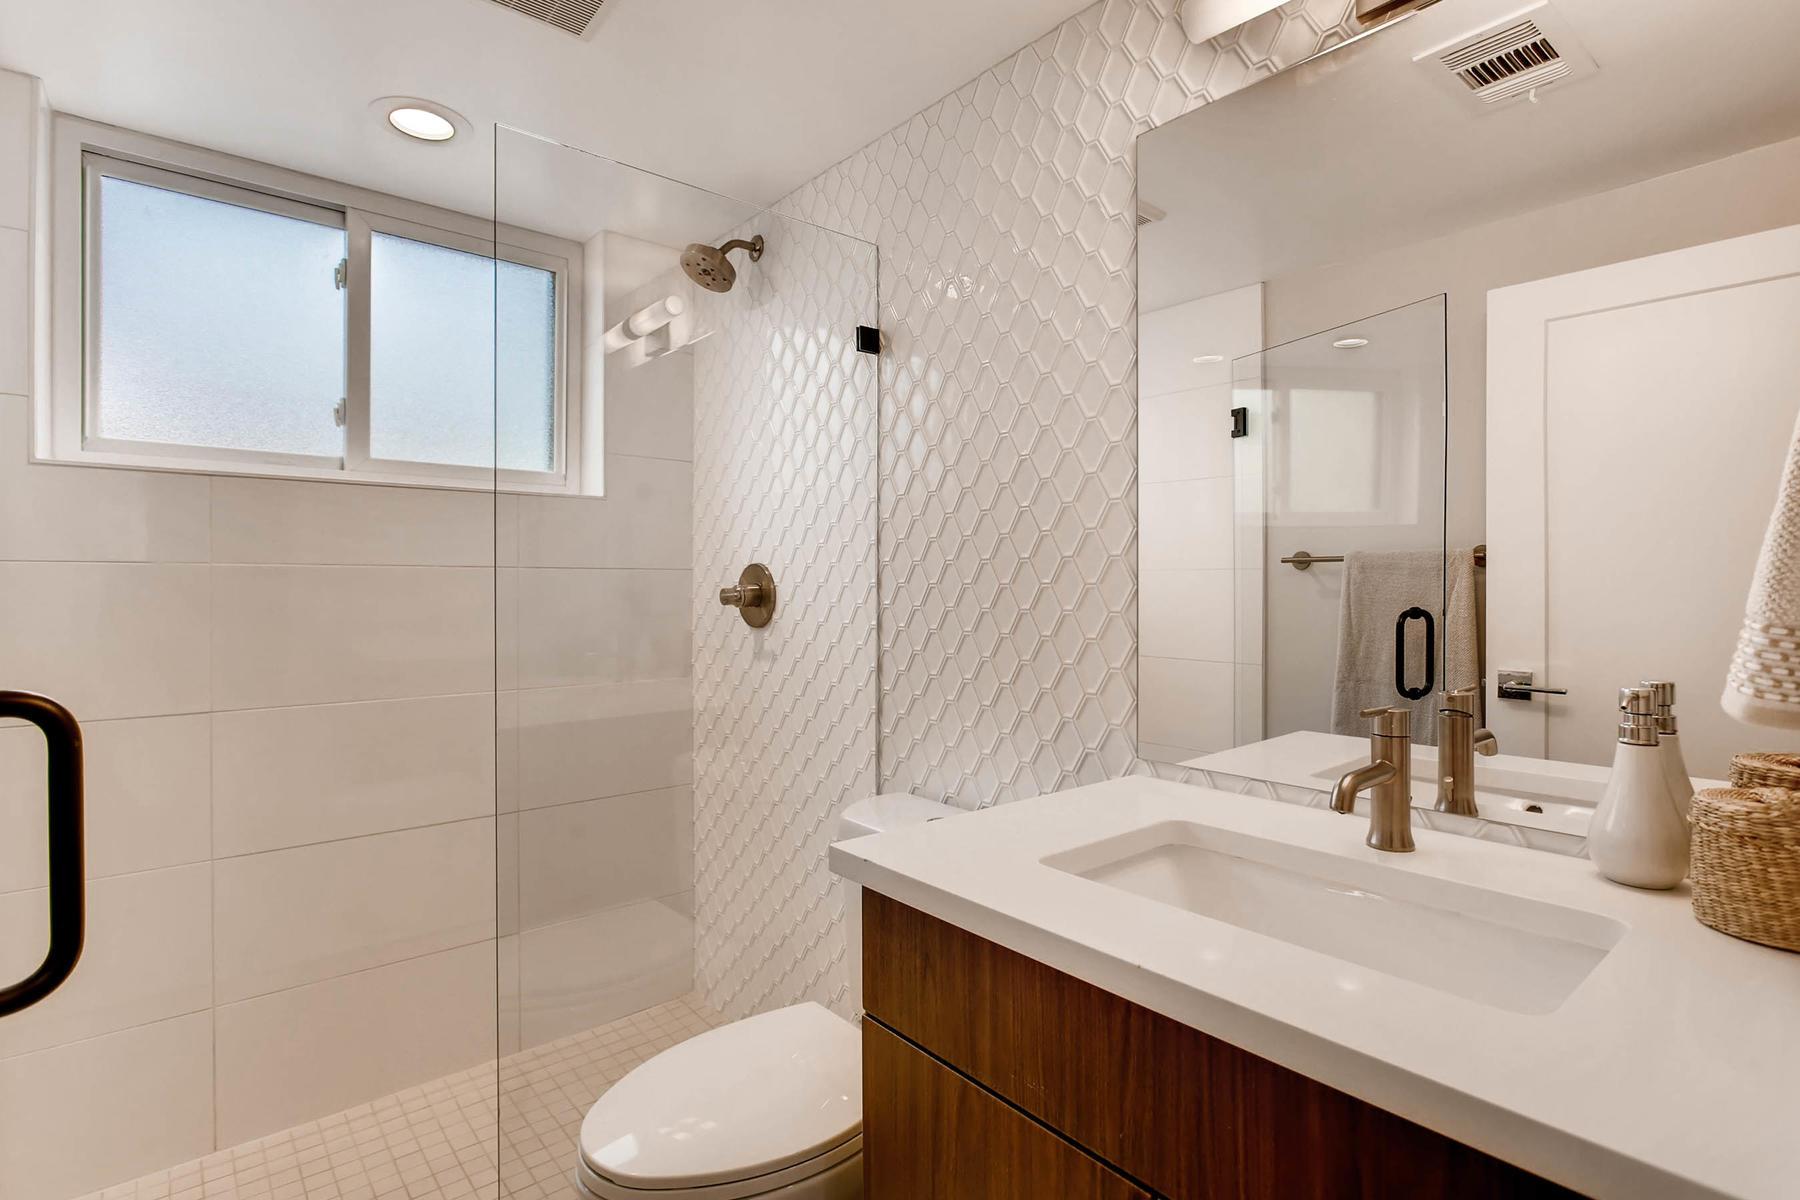 4547 E Girard Ave Denver CO-MLS_Size-029-17-Lower Level Bathroom-1800x1200-72dpi.jpg